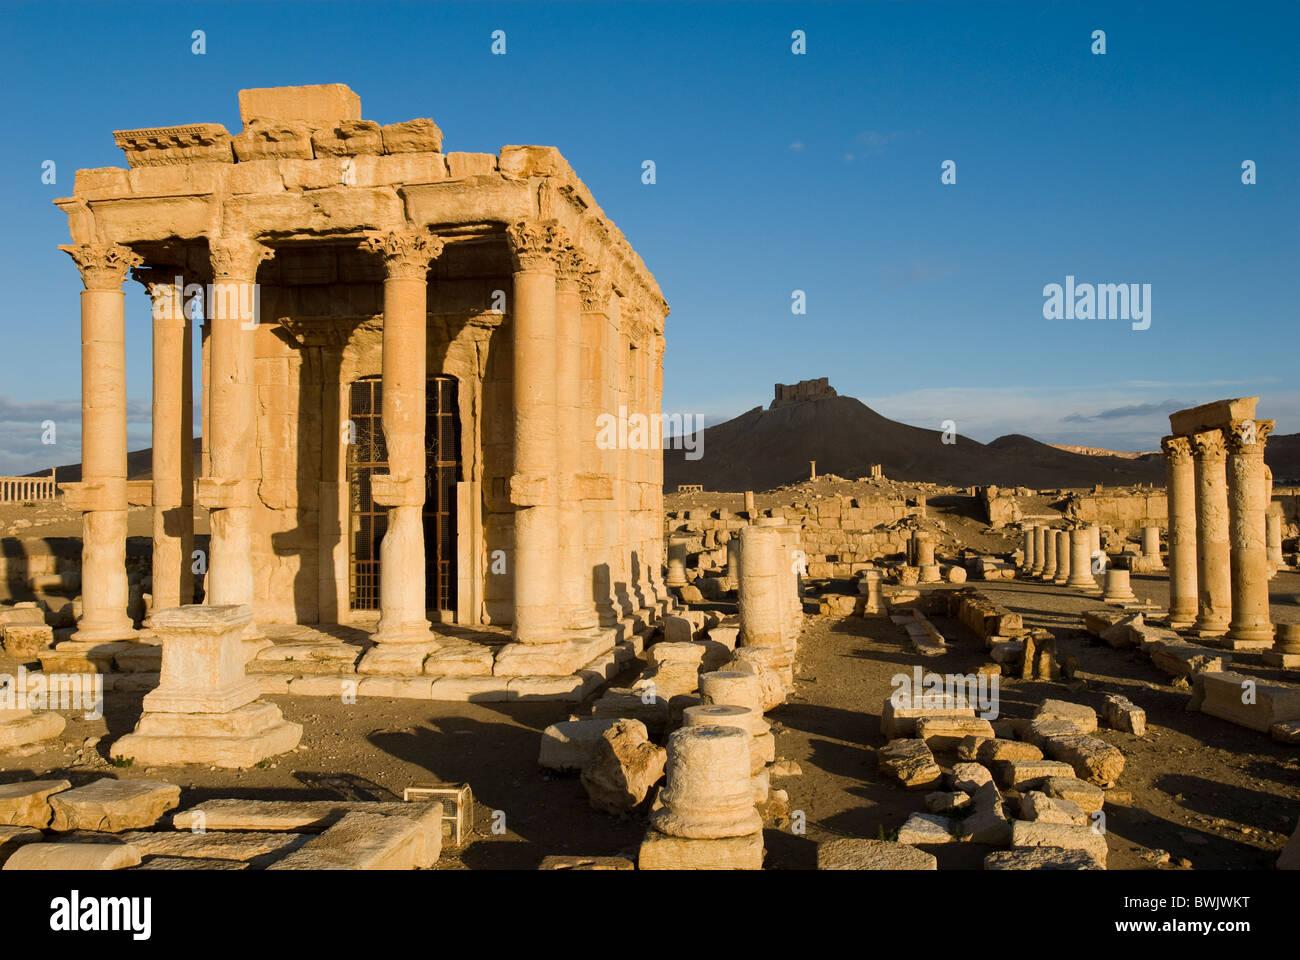 Palmyra, Syria - Stock Image